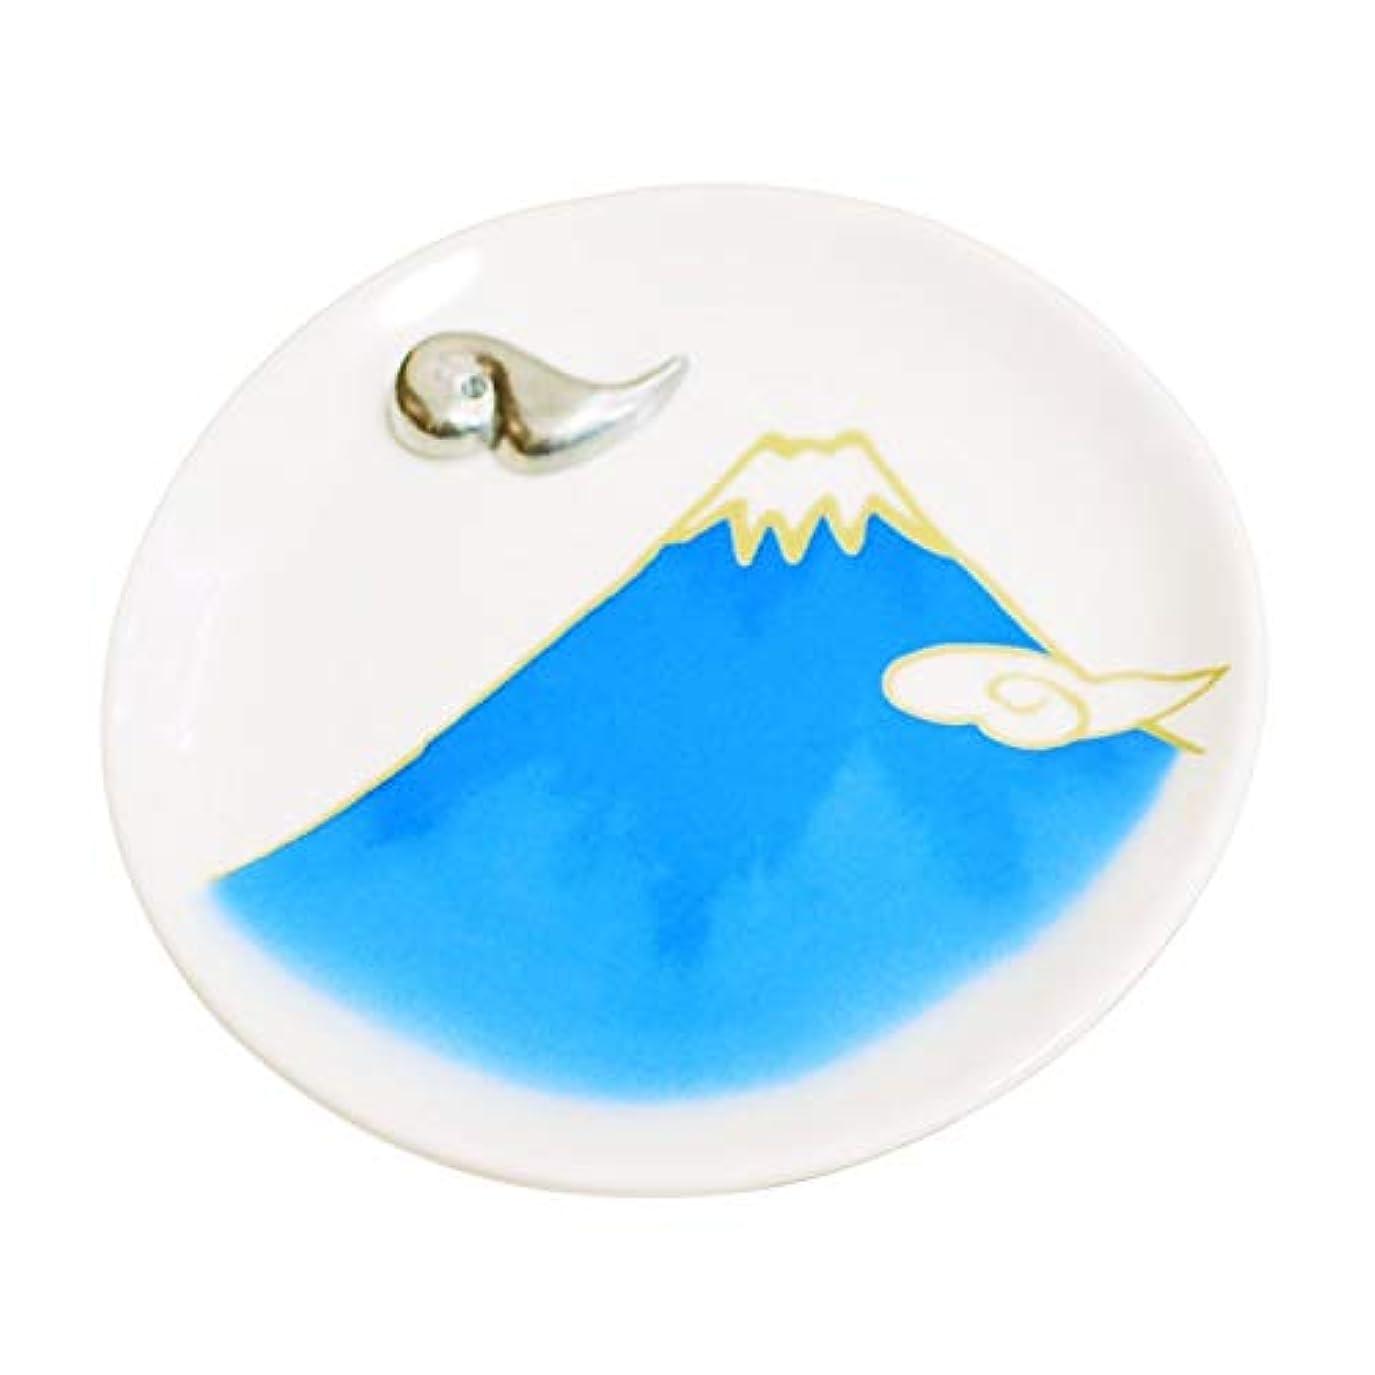 悲観主義者信頼できるダーベビルのテス香皿 富士山 ブルー 雲型香立て付 青富士 香立 お線香立て Cセット